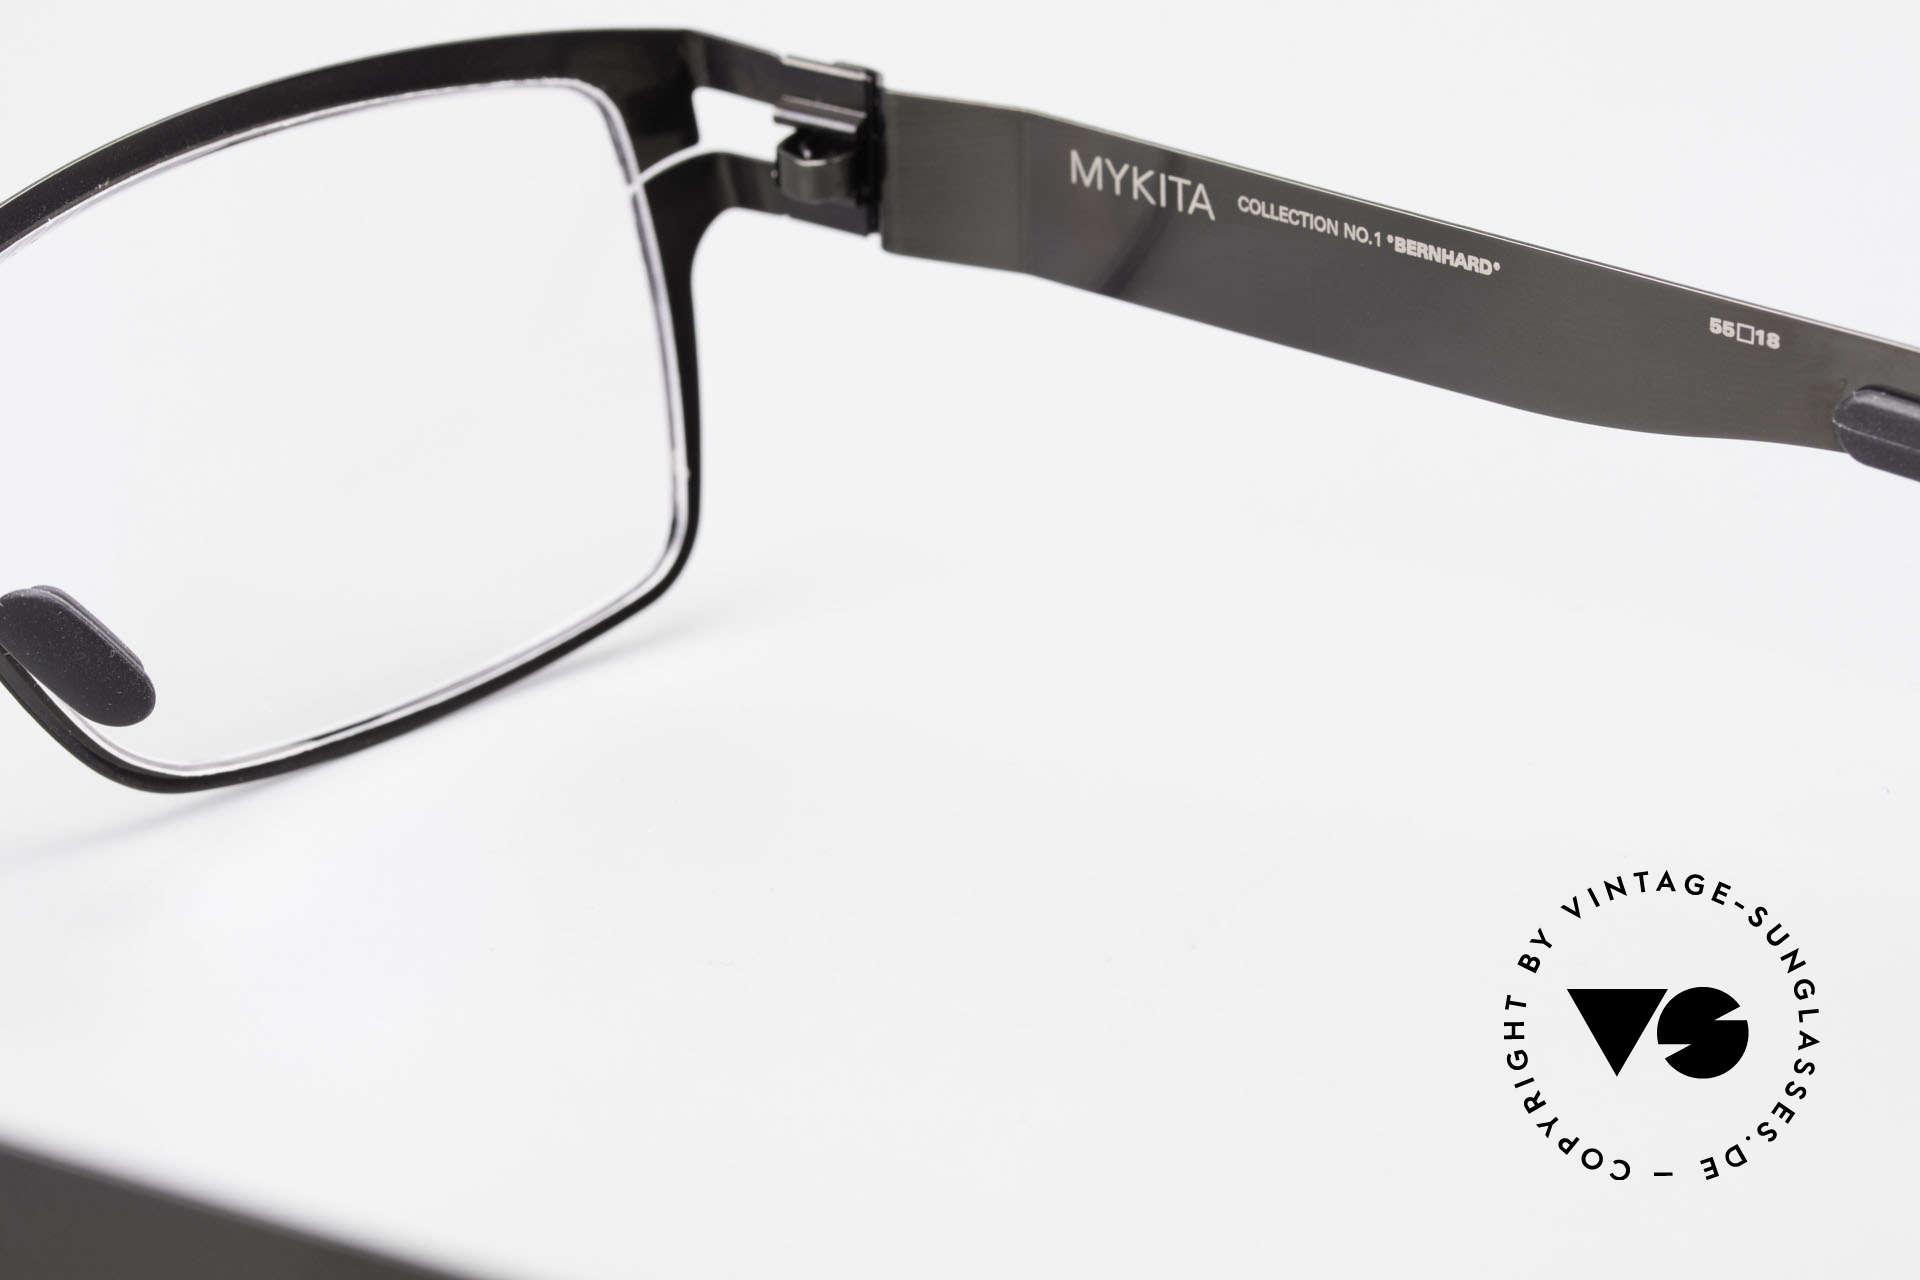 Mykita Bernhard Vintage Mykita Brille von 2009, daher jetzt bei uns (natürlich ungetragen und mit Etui), Passend für Herren